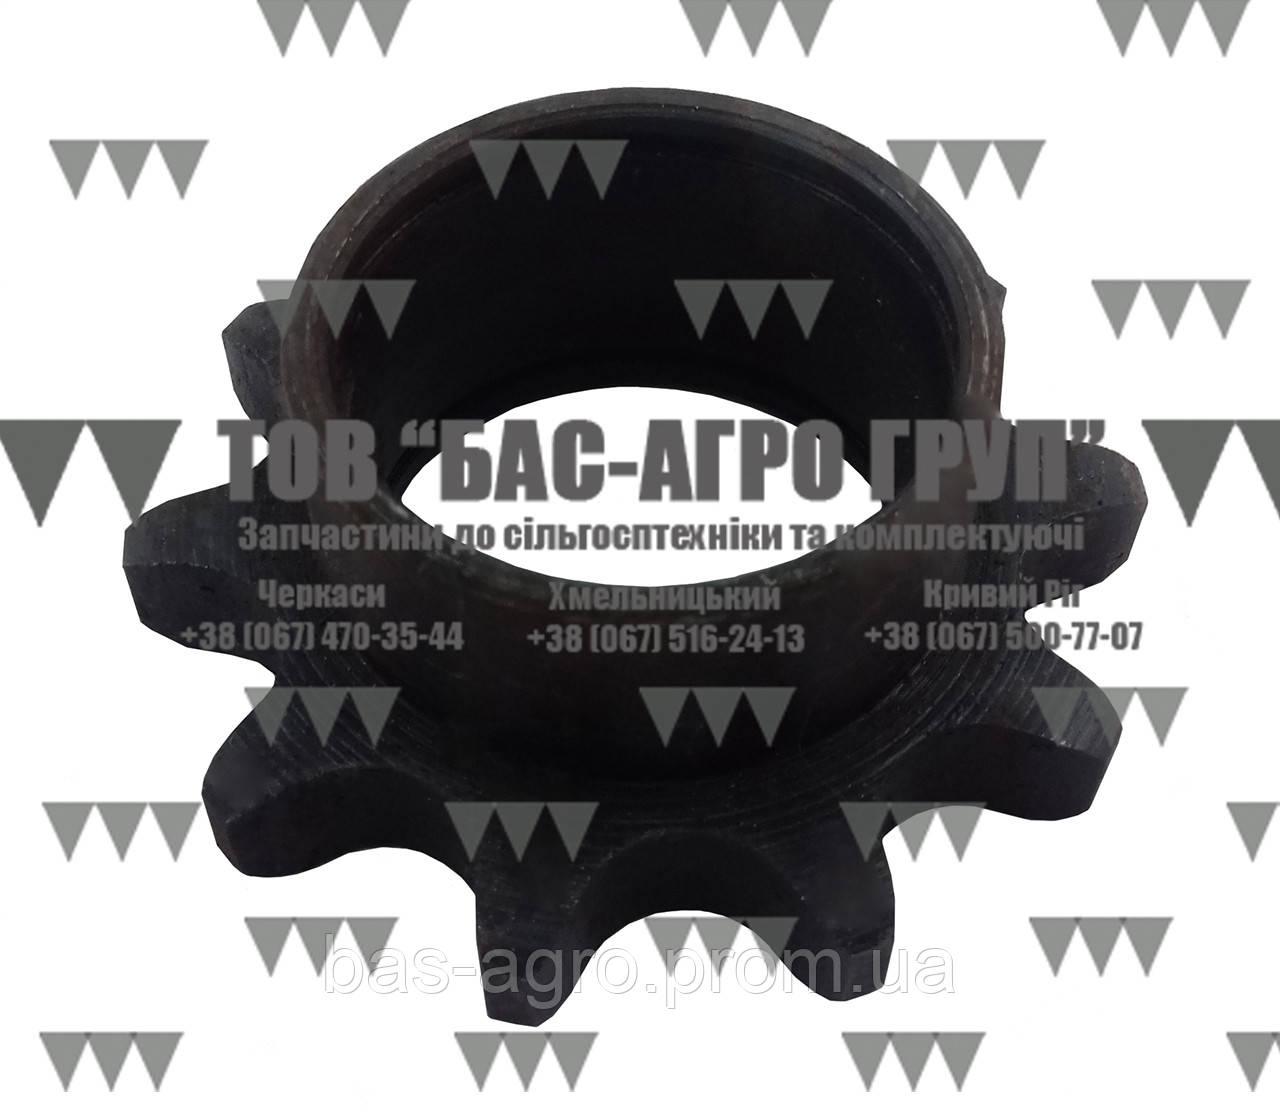 Звездочка натяжная Z-10 Fantini 10800 аналог